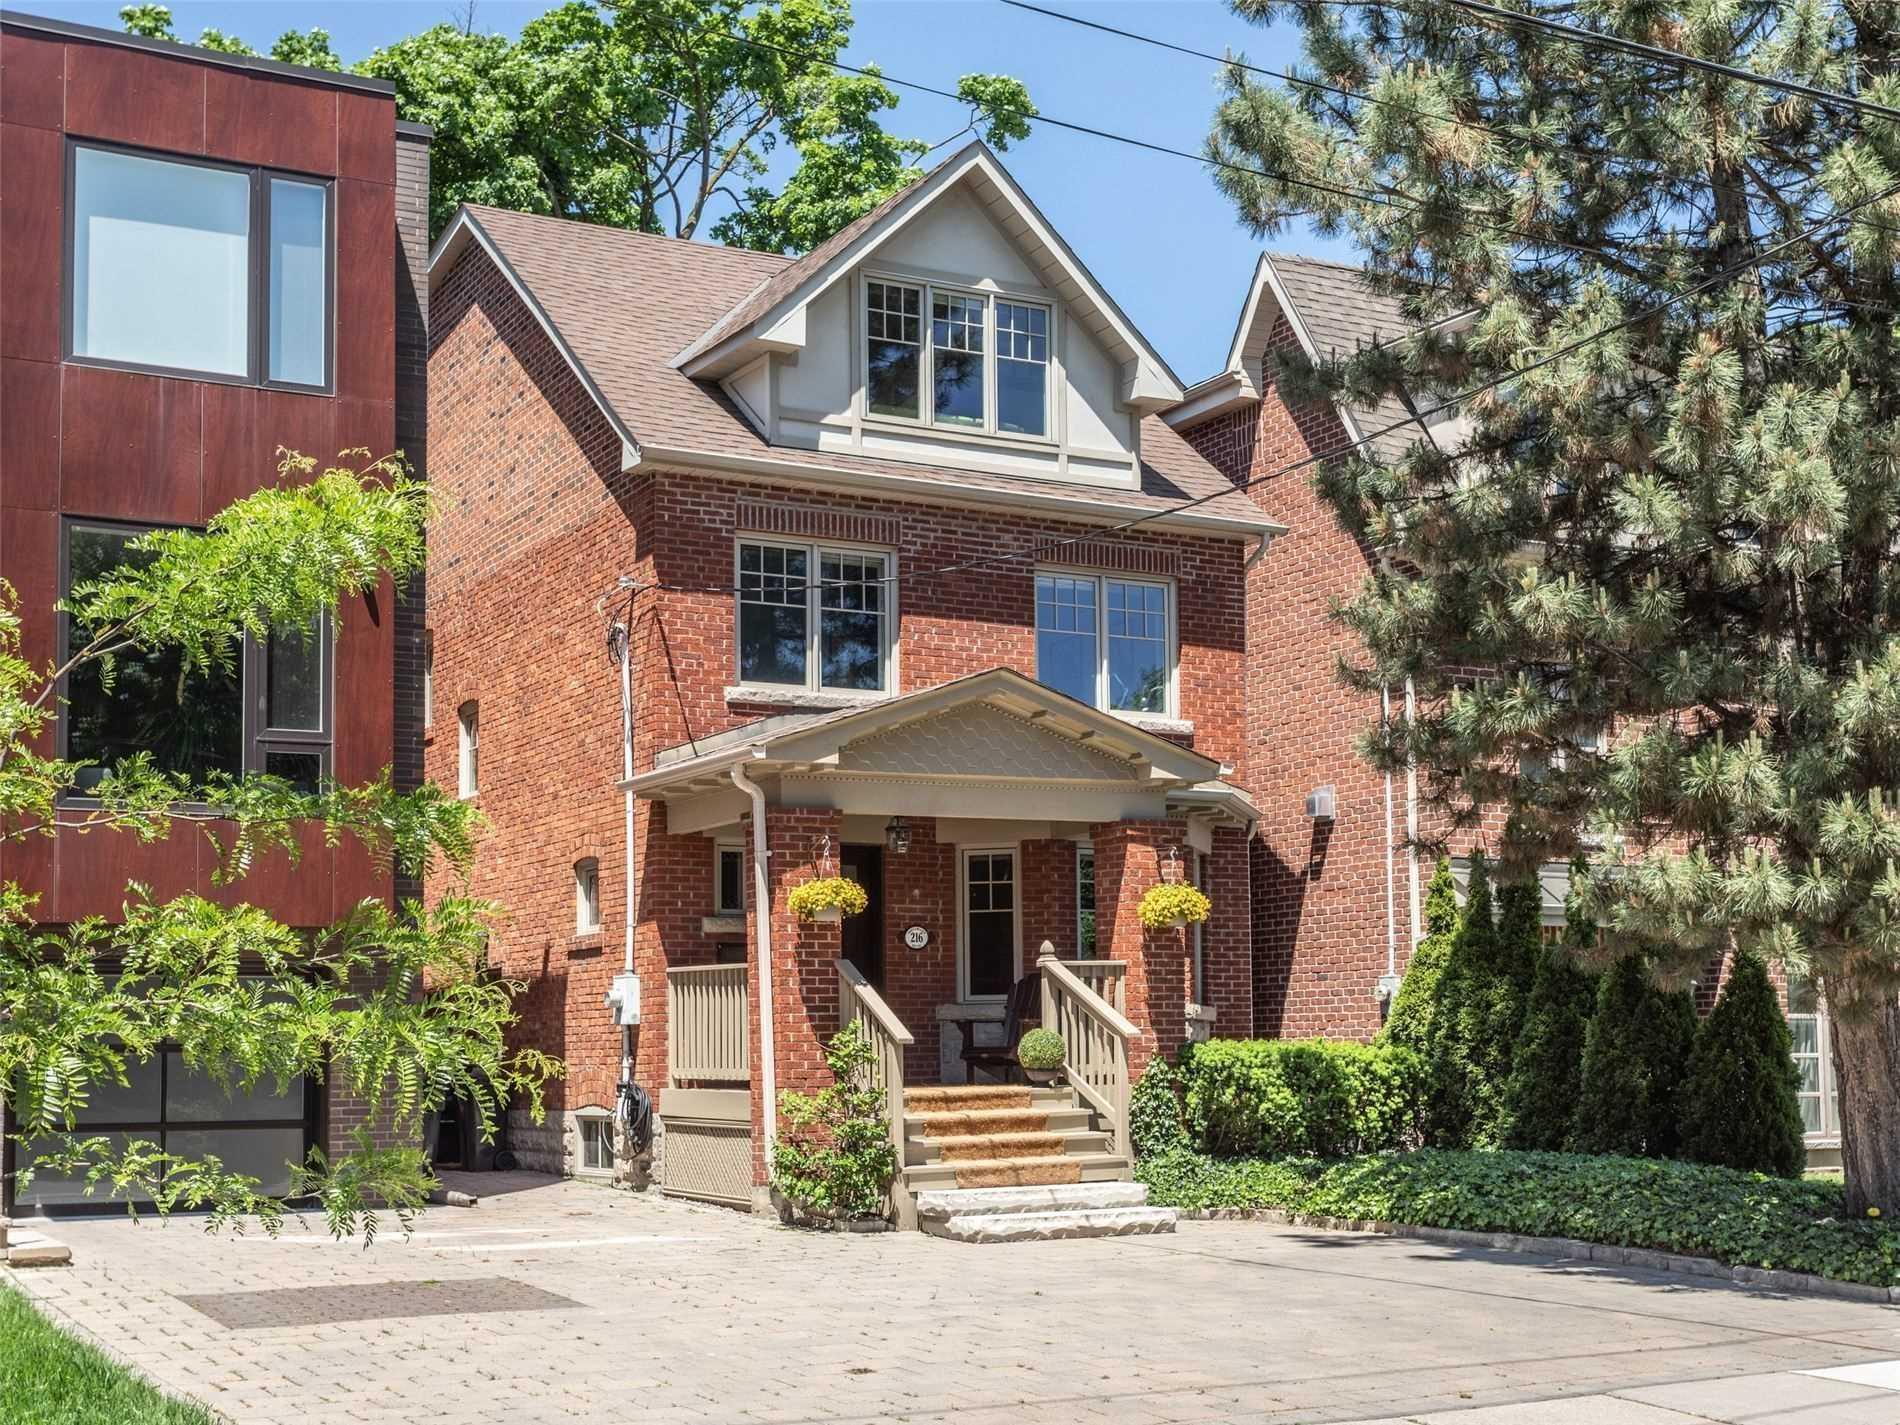 216 Sheldrake Blvd, Toronto, Ontario M4P2B5, 4 Bedrooms Bedrooms, 8 Rooms Rooms,5 BathroomsBathrooms,Detached,For Sale,Sheldrake,C4833821